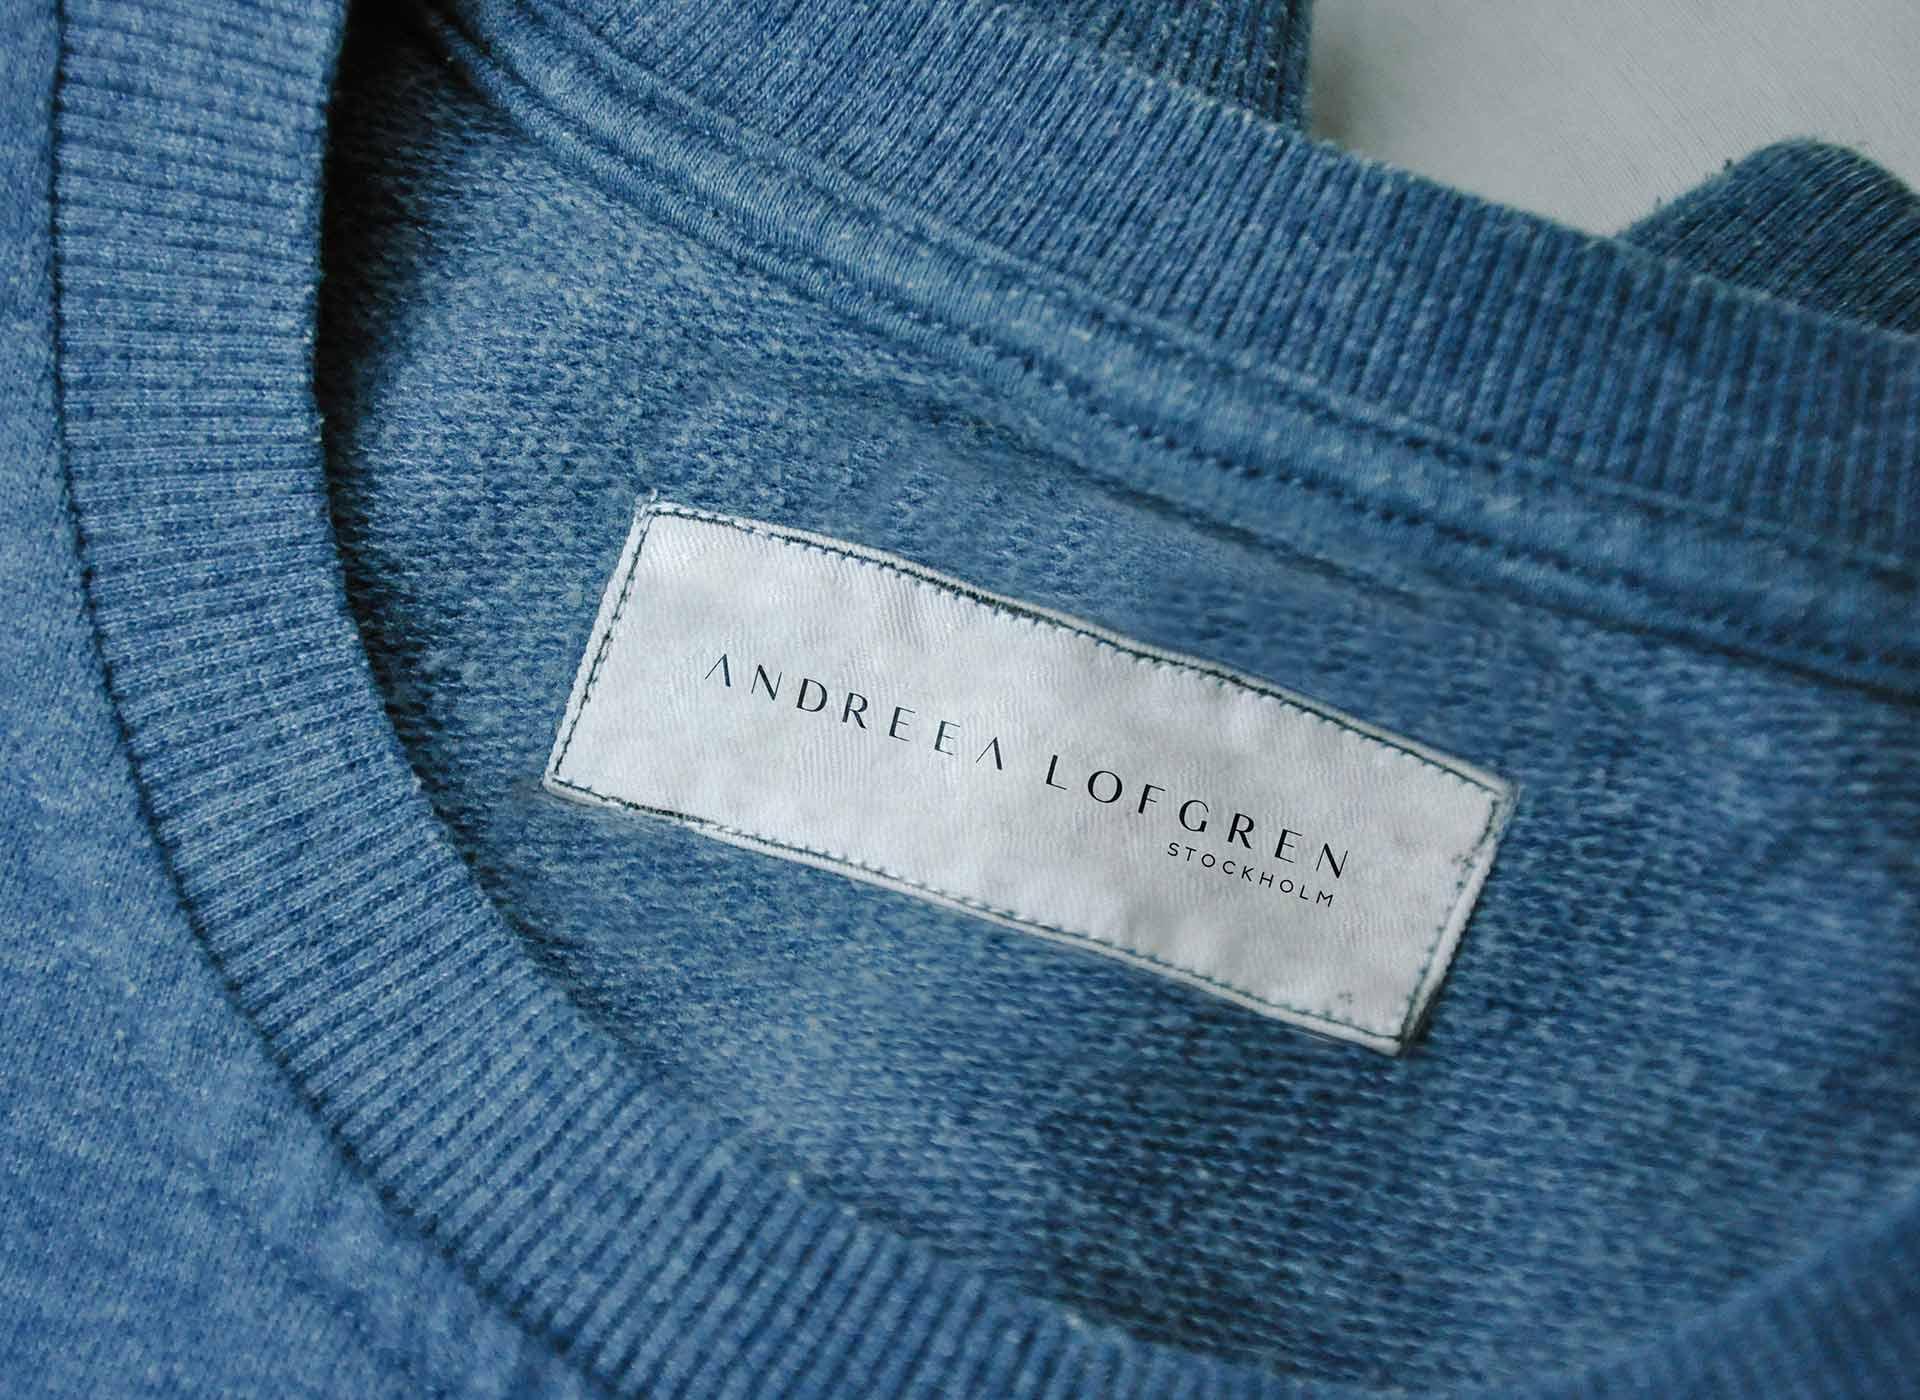 Andreea Lofgren portfolio inoveo textil